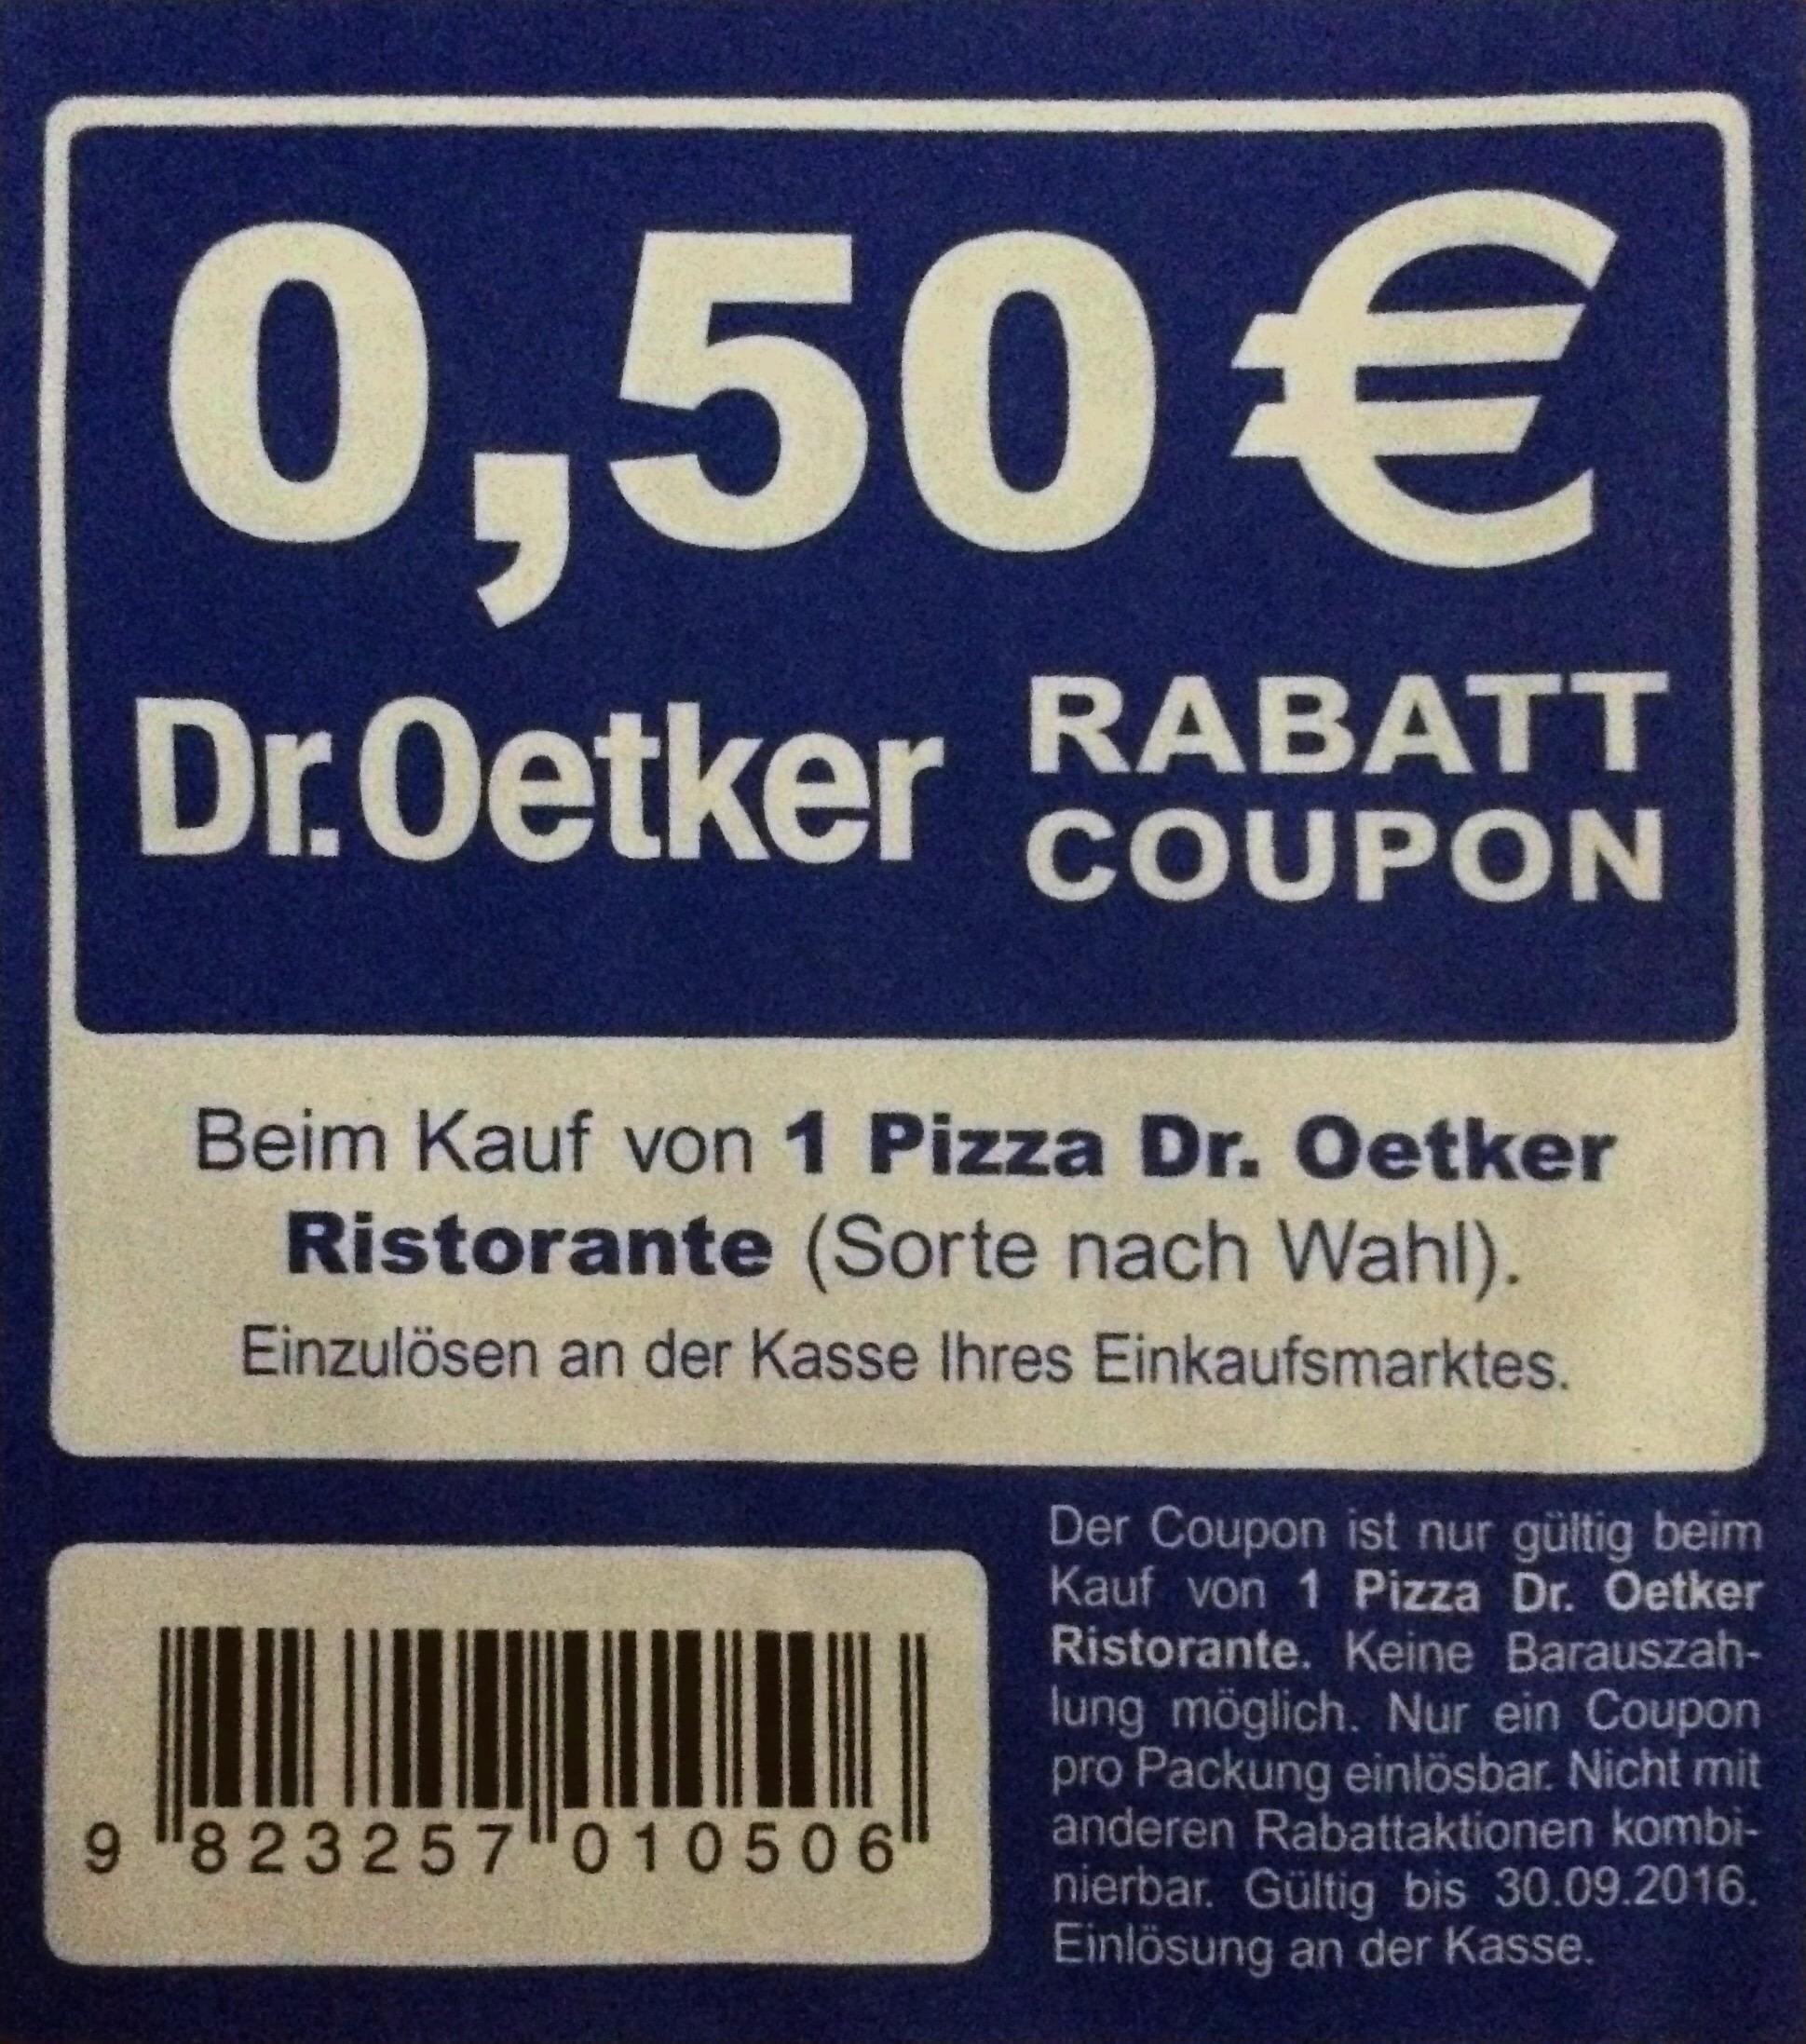 dr oetker ristorante pizza 0 50 rabatt coupon. Black Bedroom Furniture Sets. Home Design Ideas